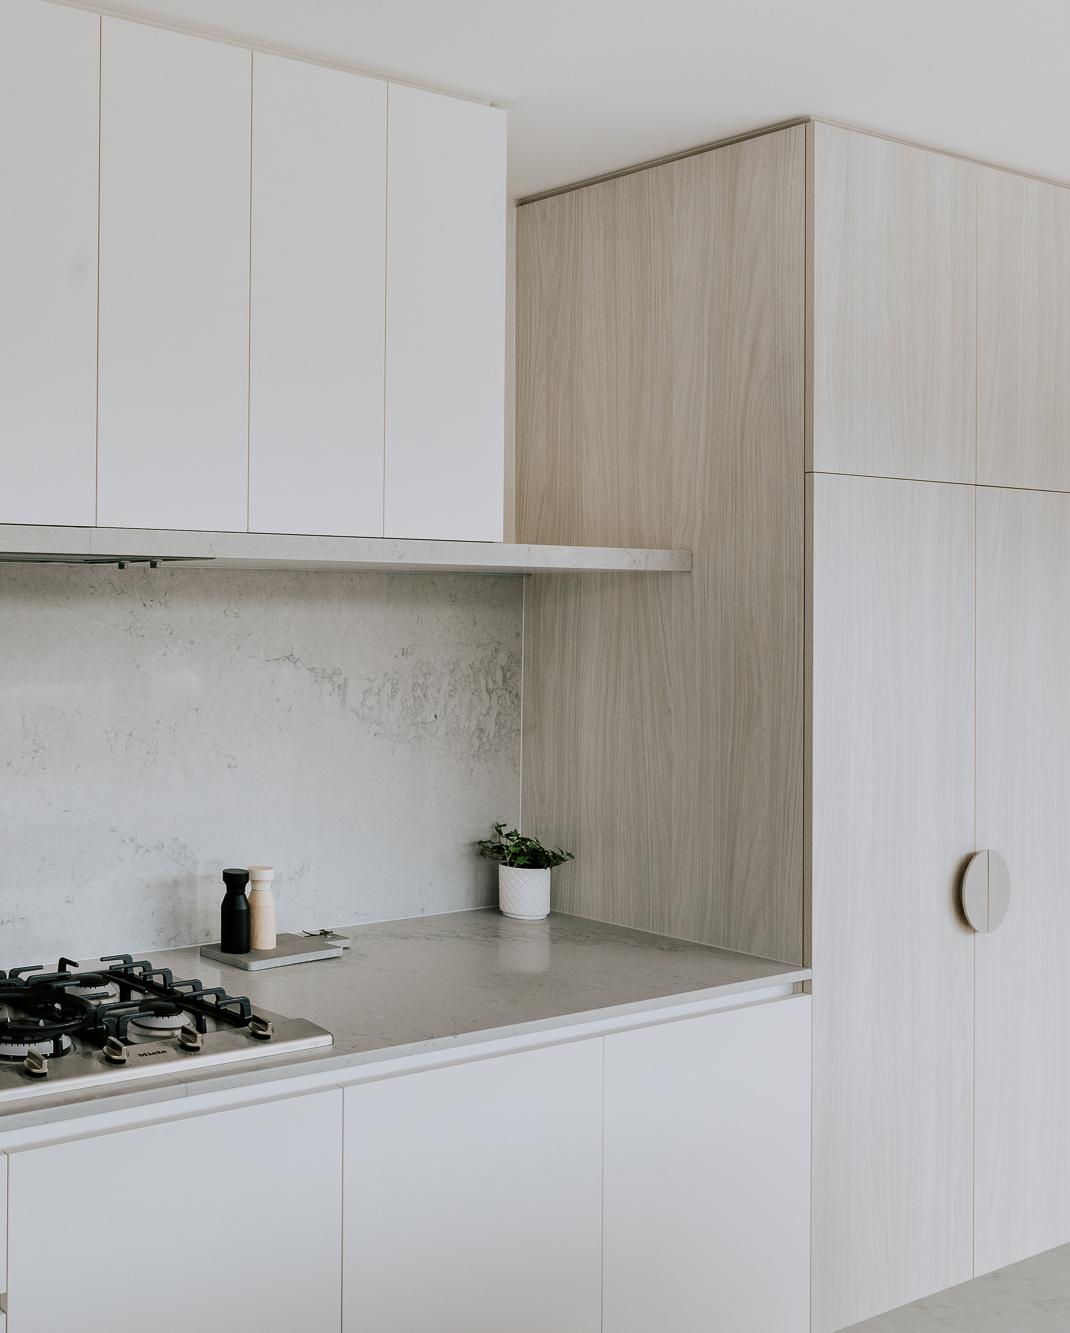 LaSal Chelsea kitchen